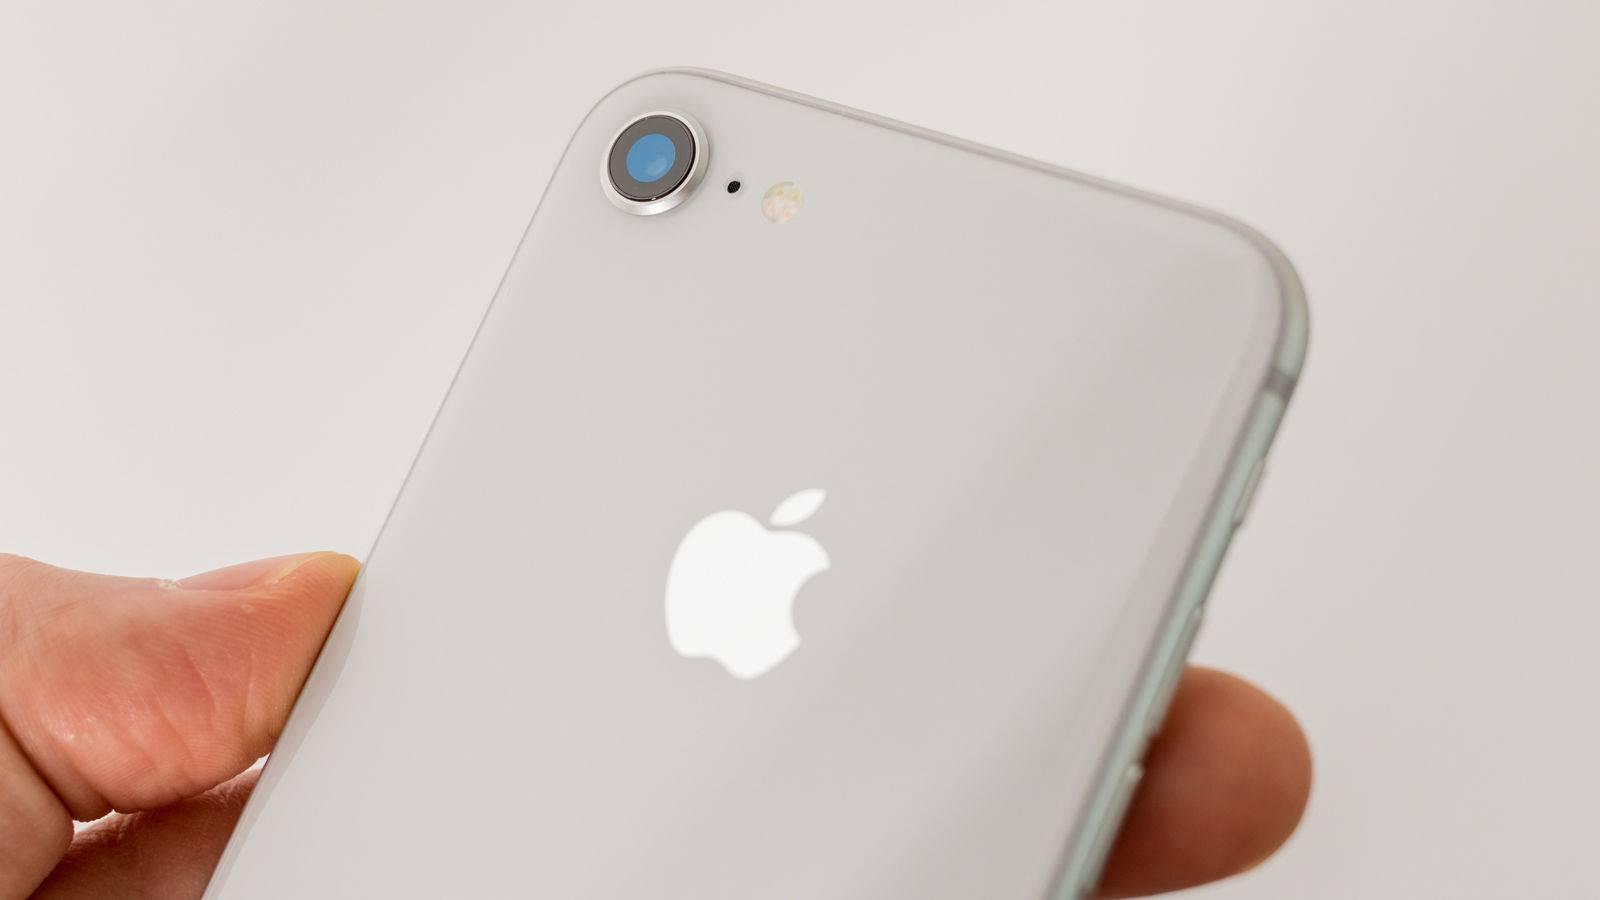 iphone se 2 lansare produse apple